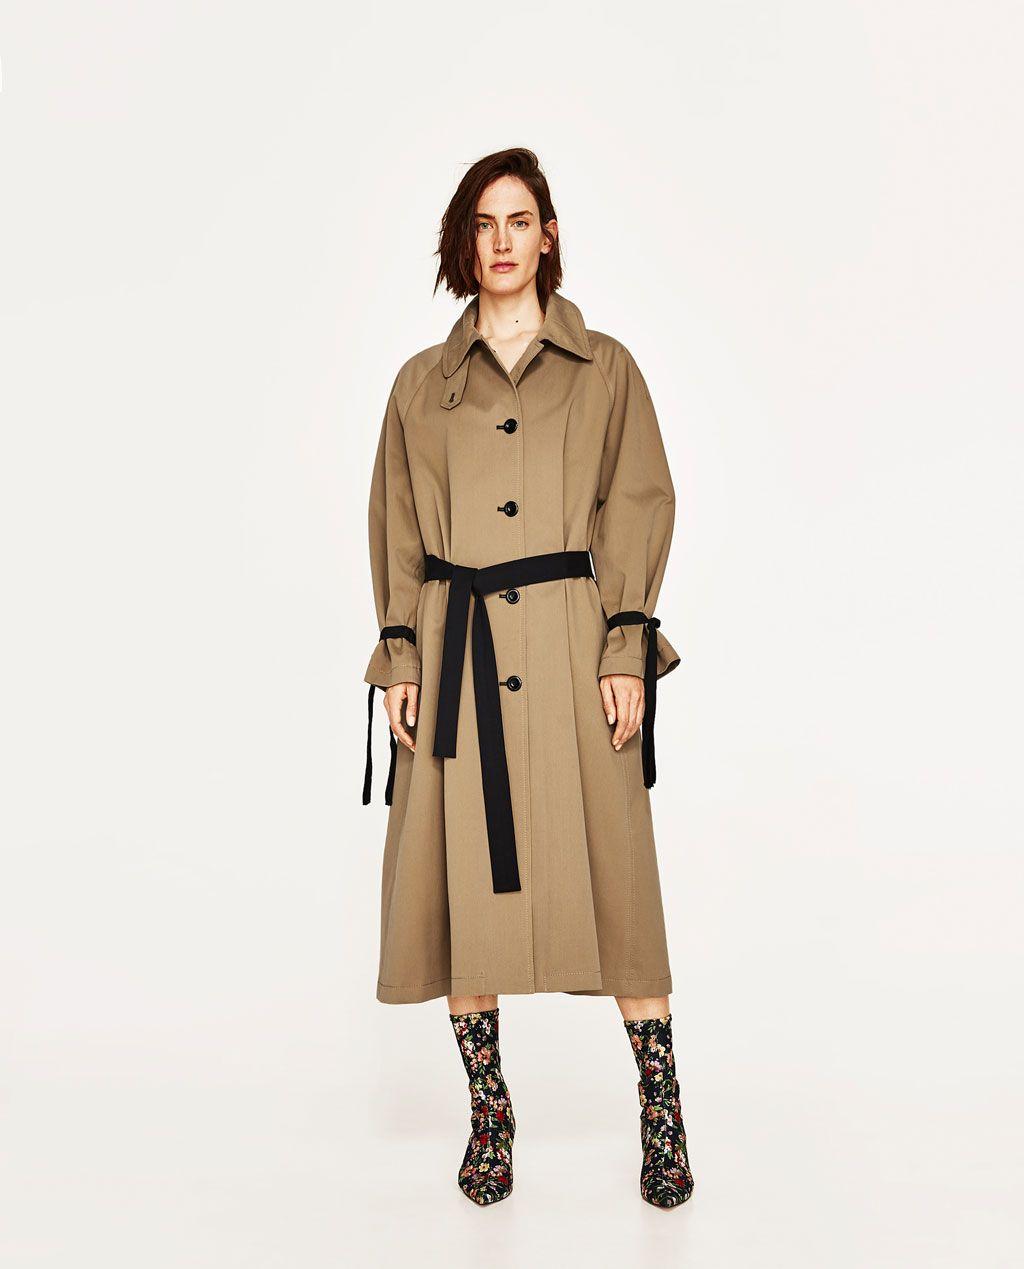 8222d2e9 TRENCH CINTURÓN A CONTRASTE STUDIO   2018大衣7   Coat, Fashion, Vest ...